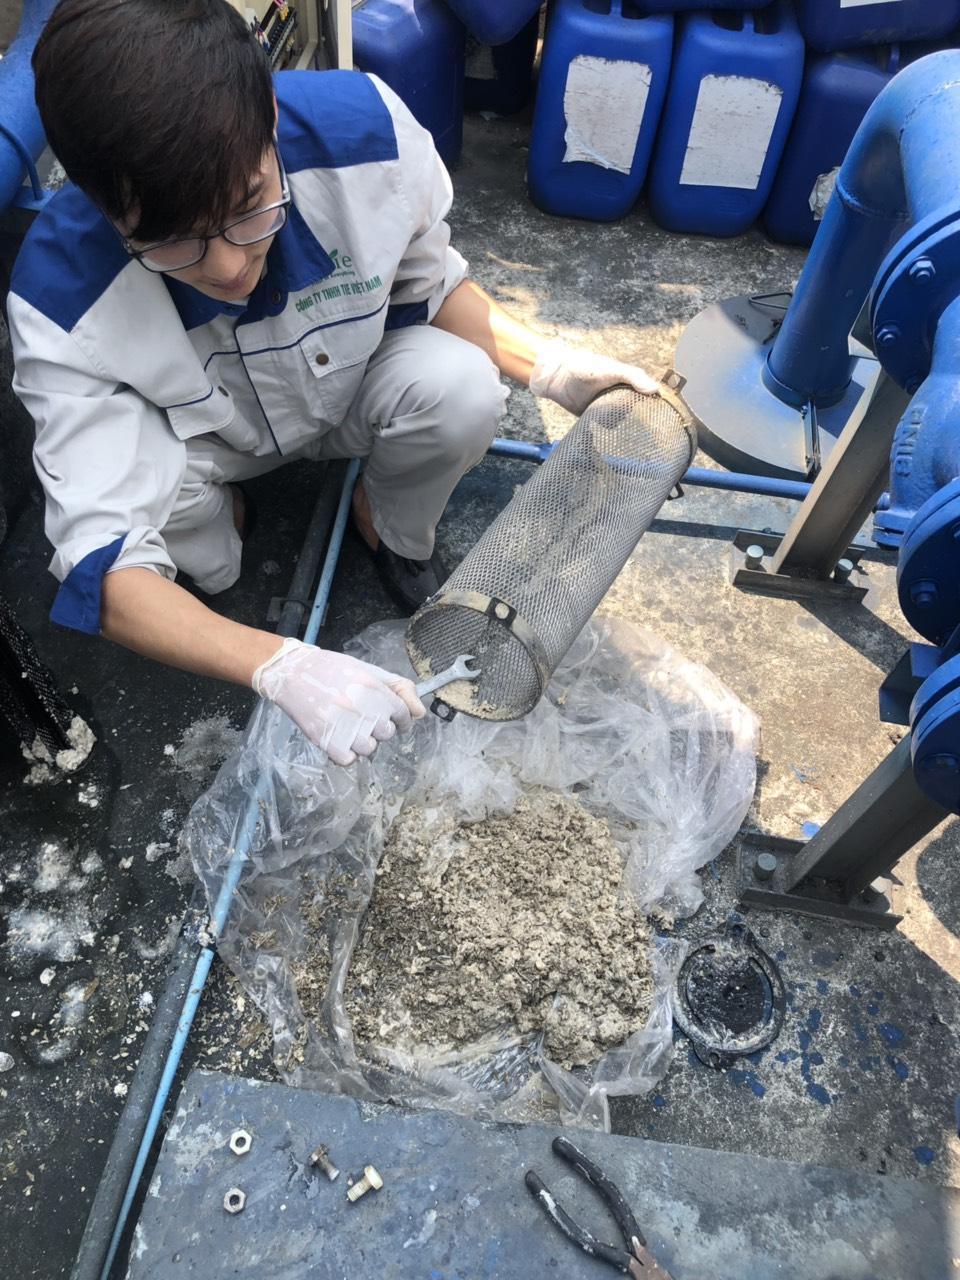 Hóa chất tẩy rửa cáu cặn